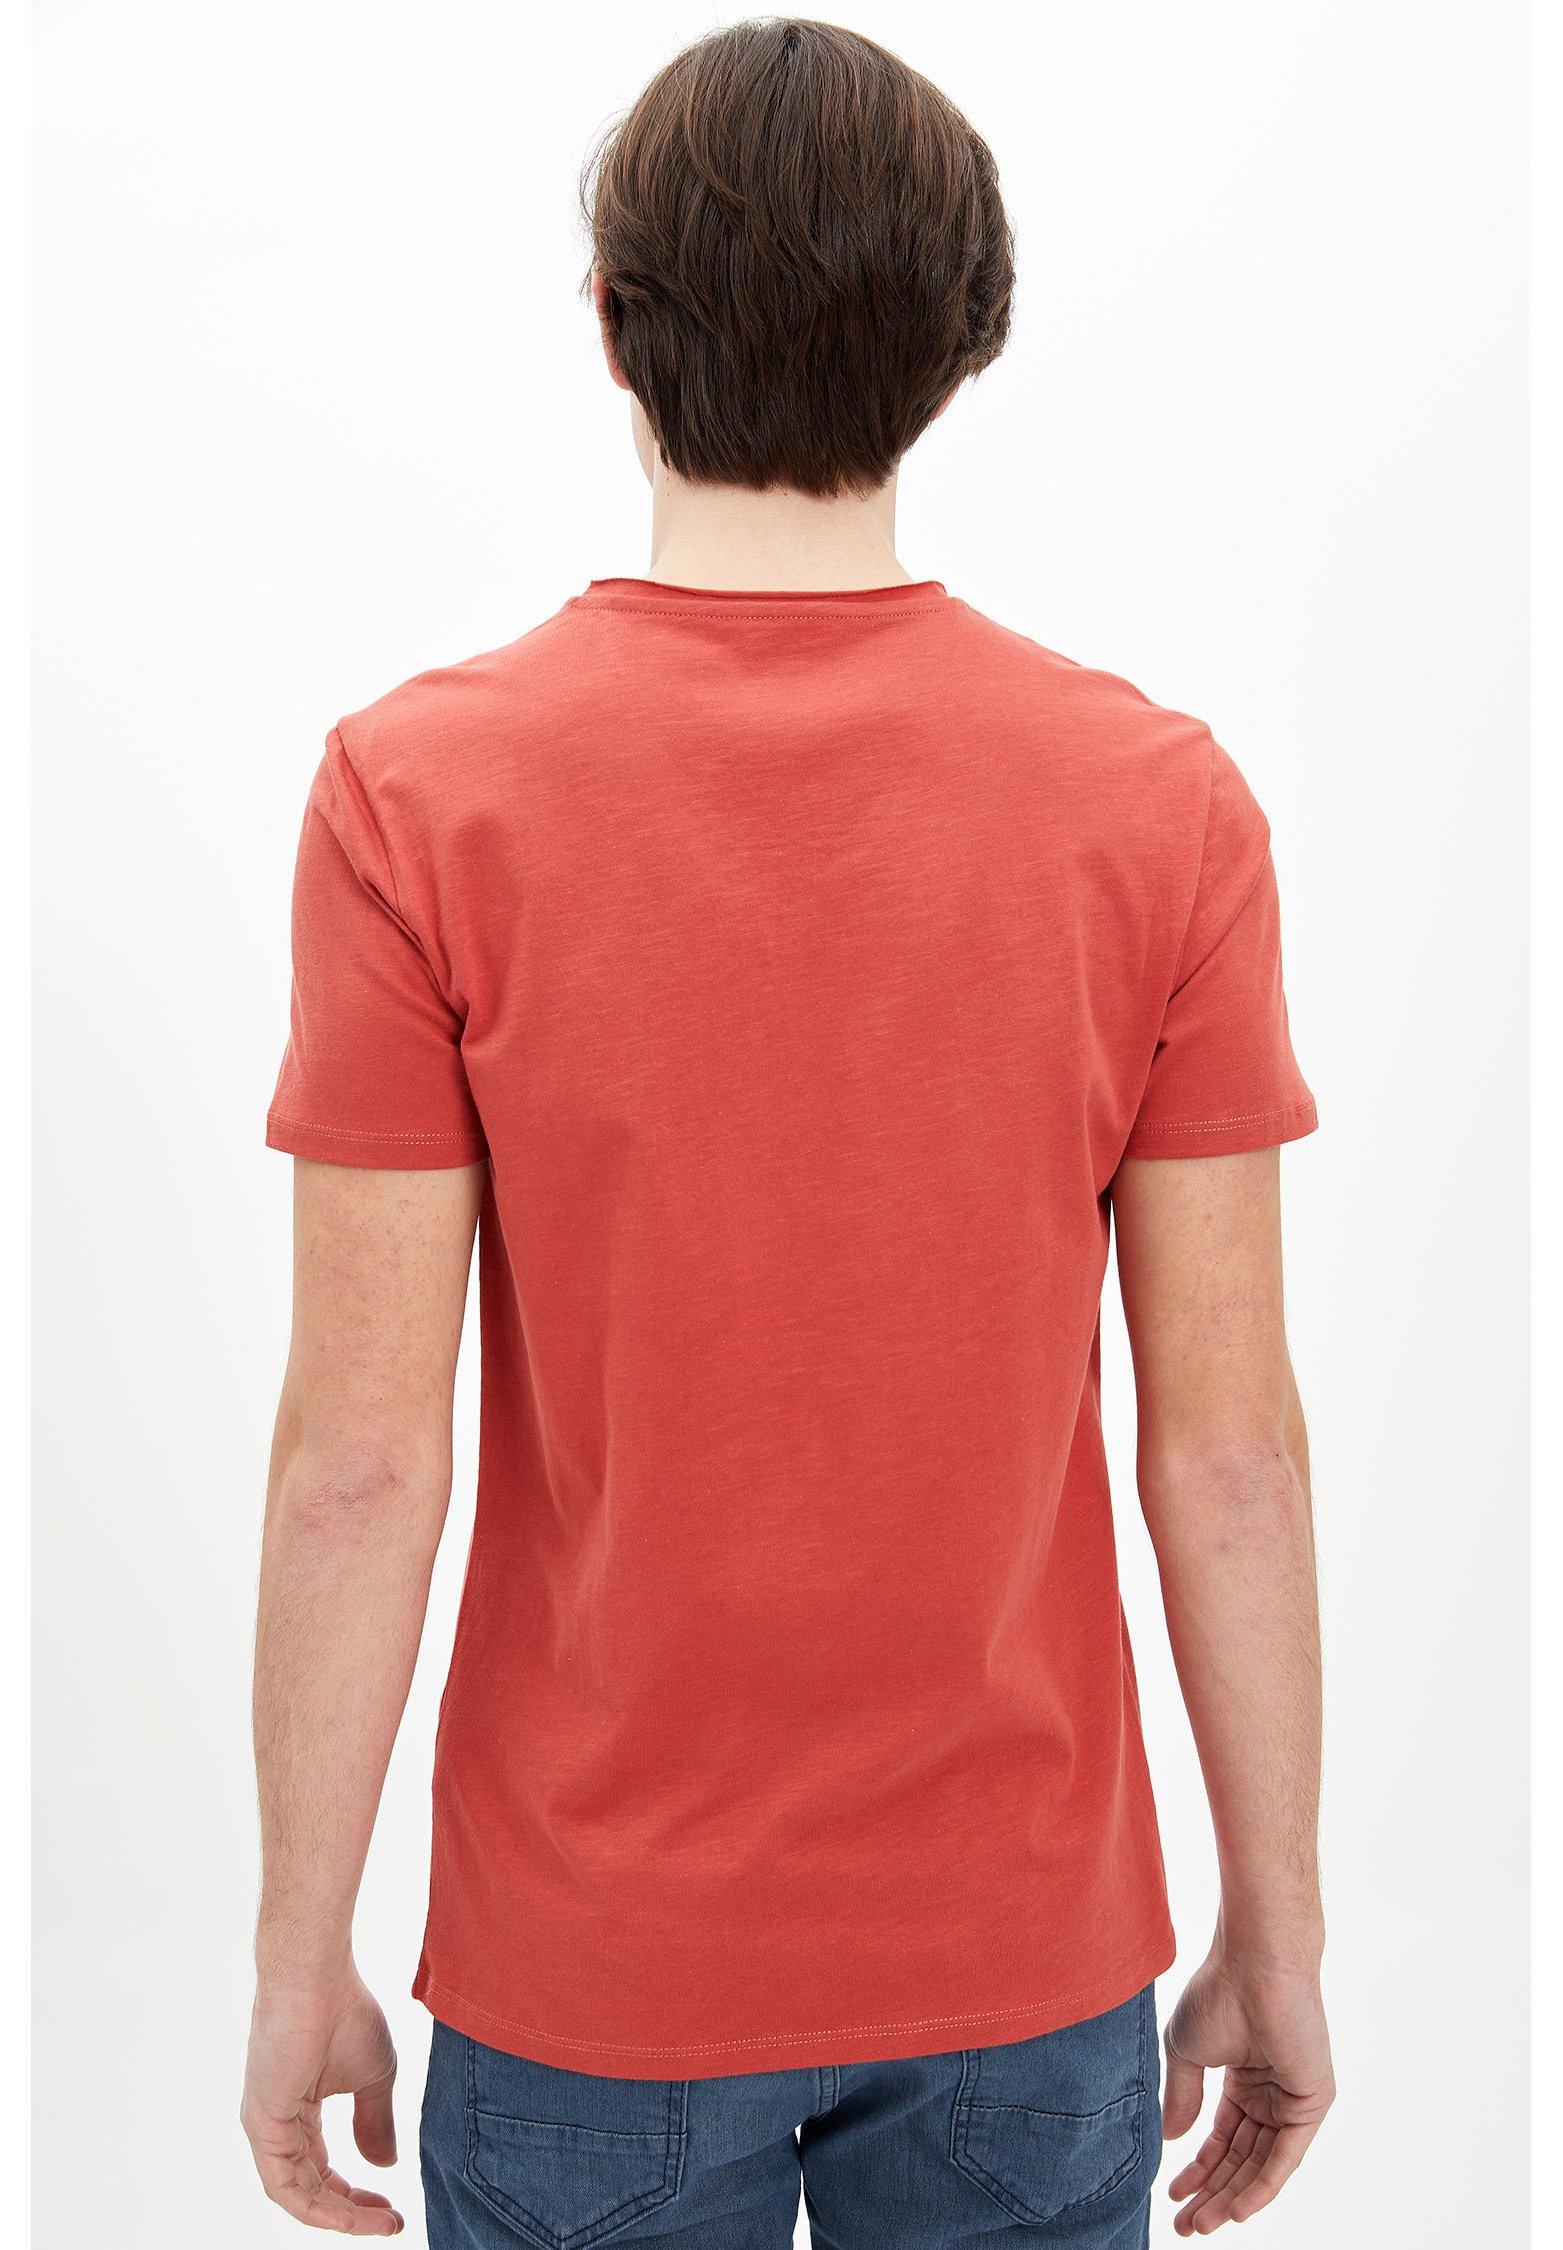 DeFacto Basic T-shirt - bordeaux piz2d